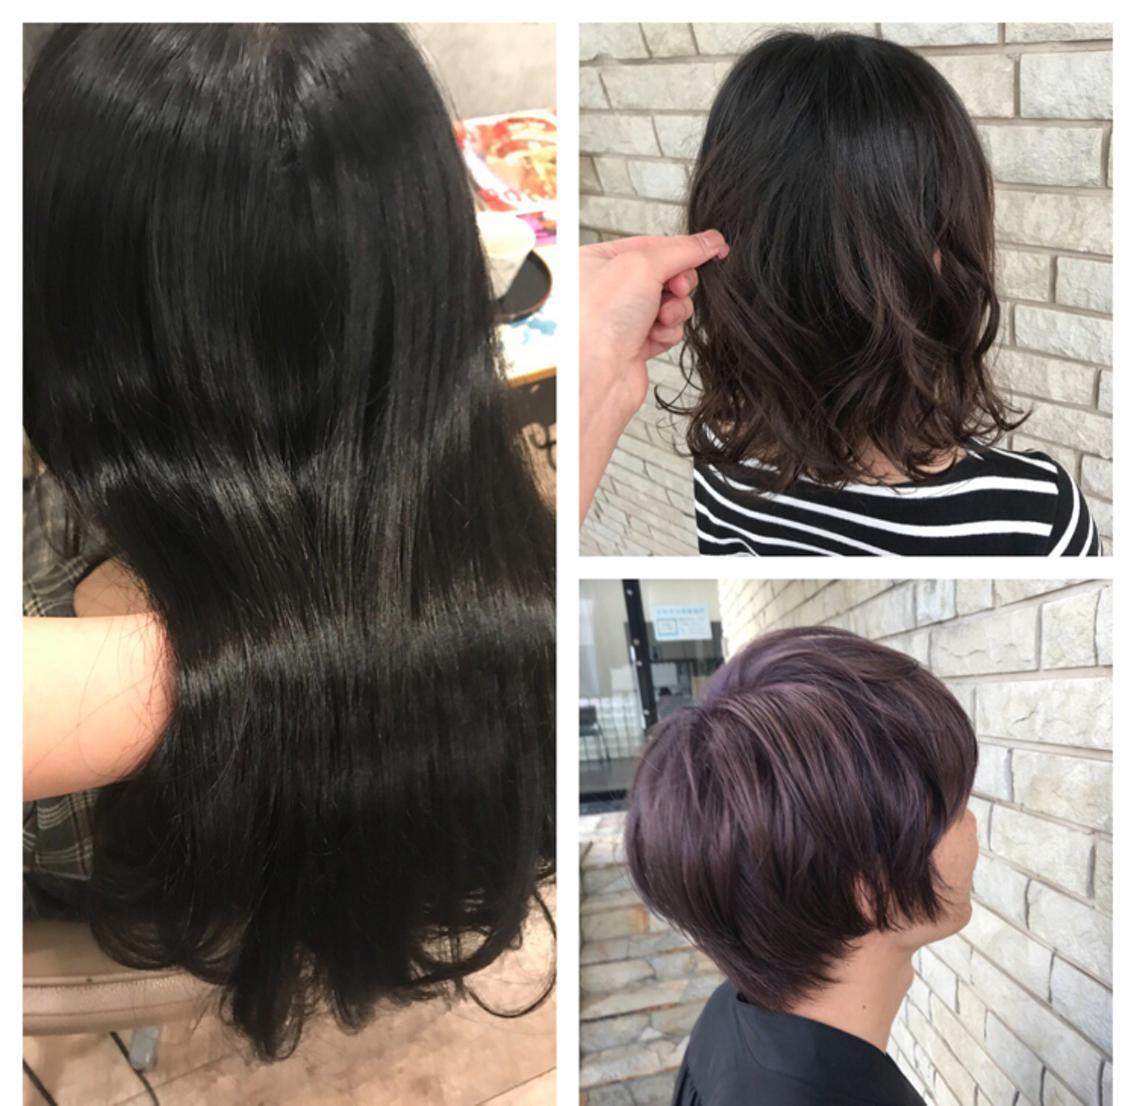 ♦️高評価♦️☘️✨ときめき艶髪カラー✨☘️潤い髪美人になりませんか?